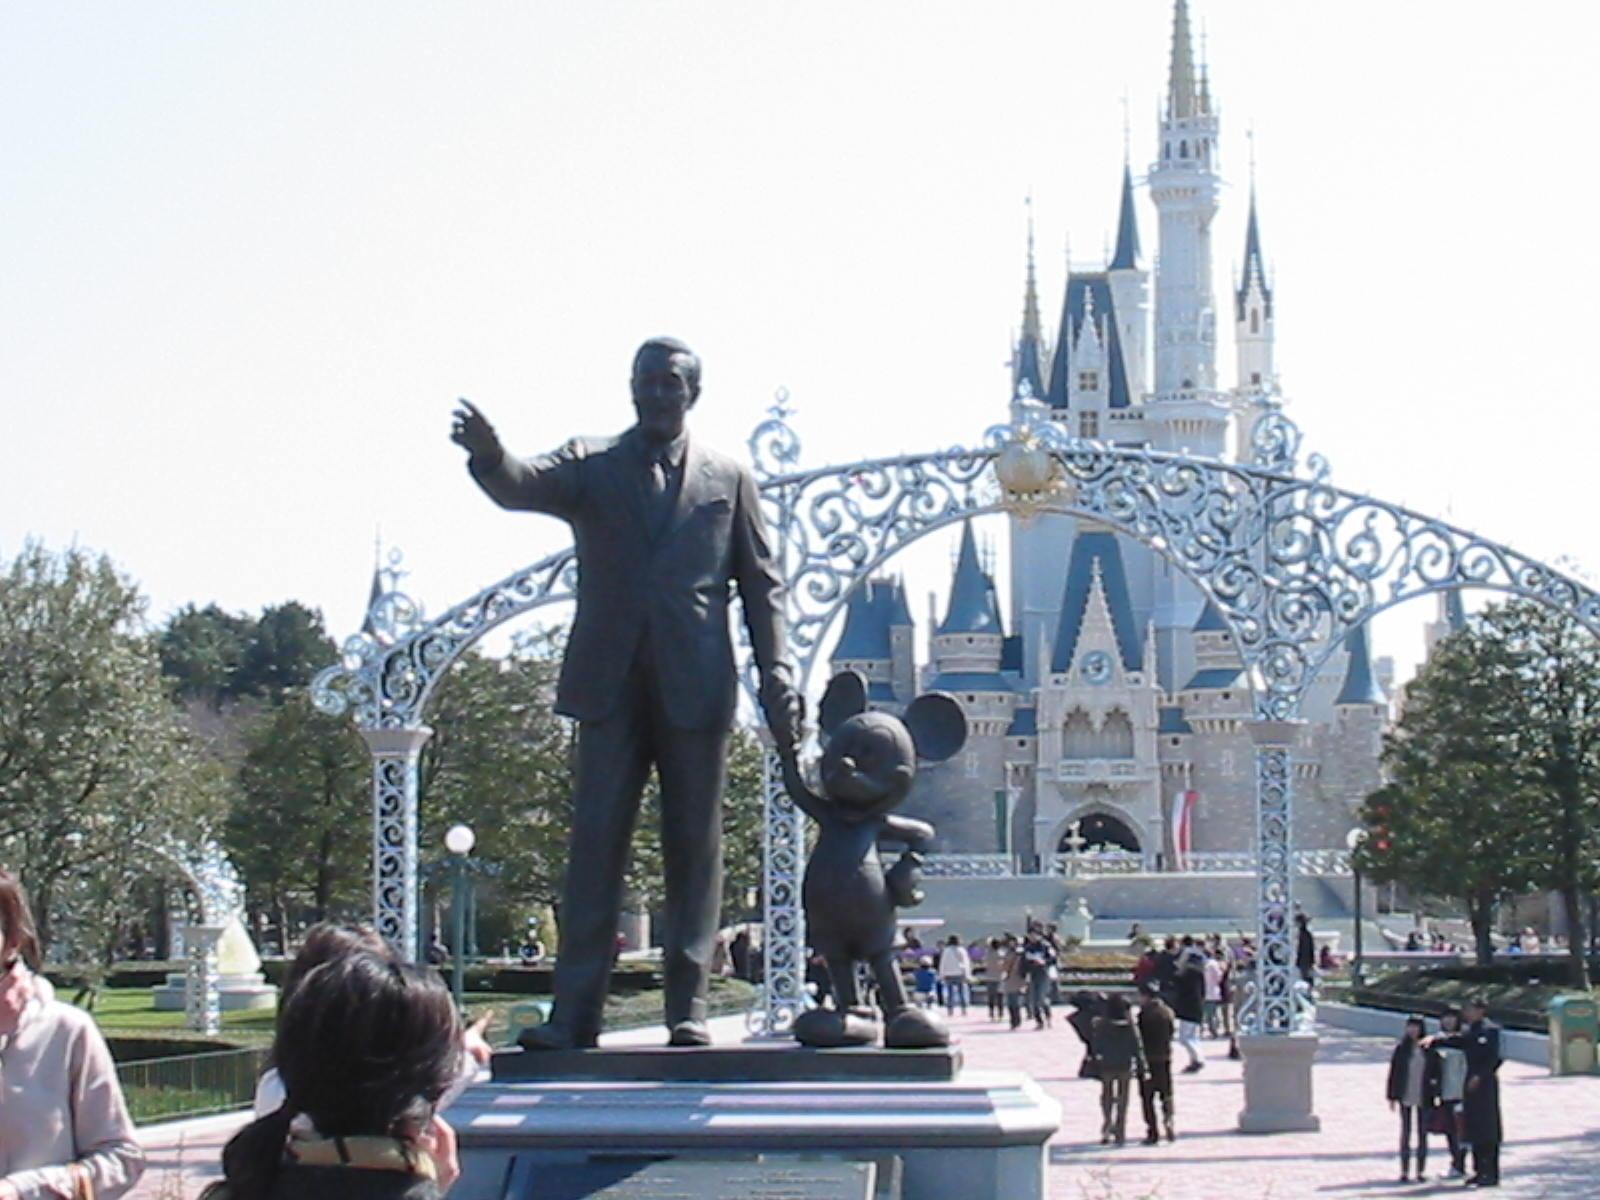 jalパック】大阪(伊丹・関西)発・東京・横浜格安ツアー